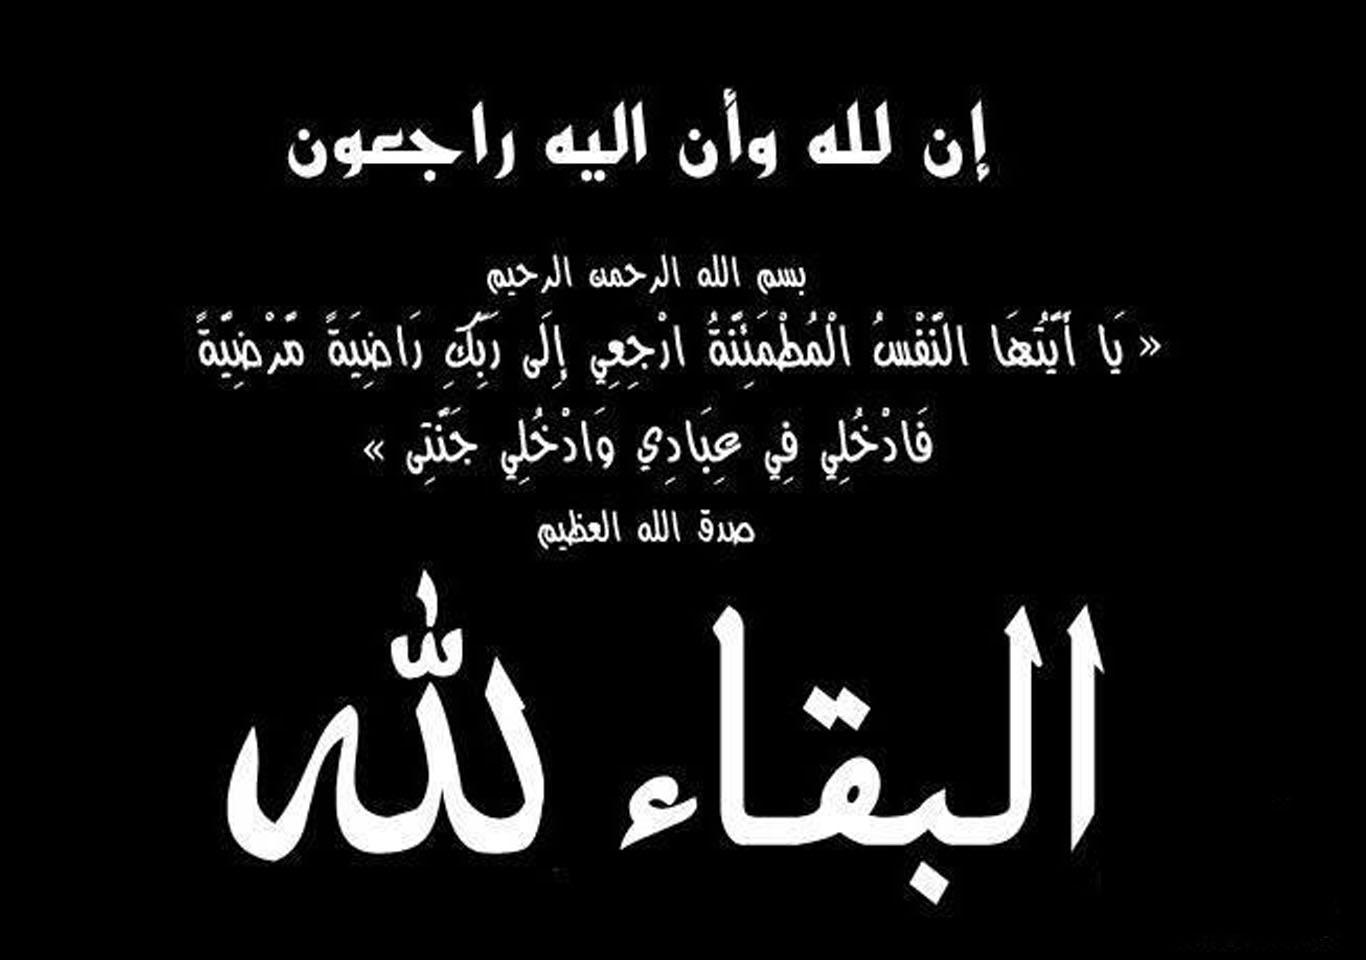 """الحاج """"محمد حلمي"""" رشيد علان في ذمة الله"""